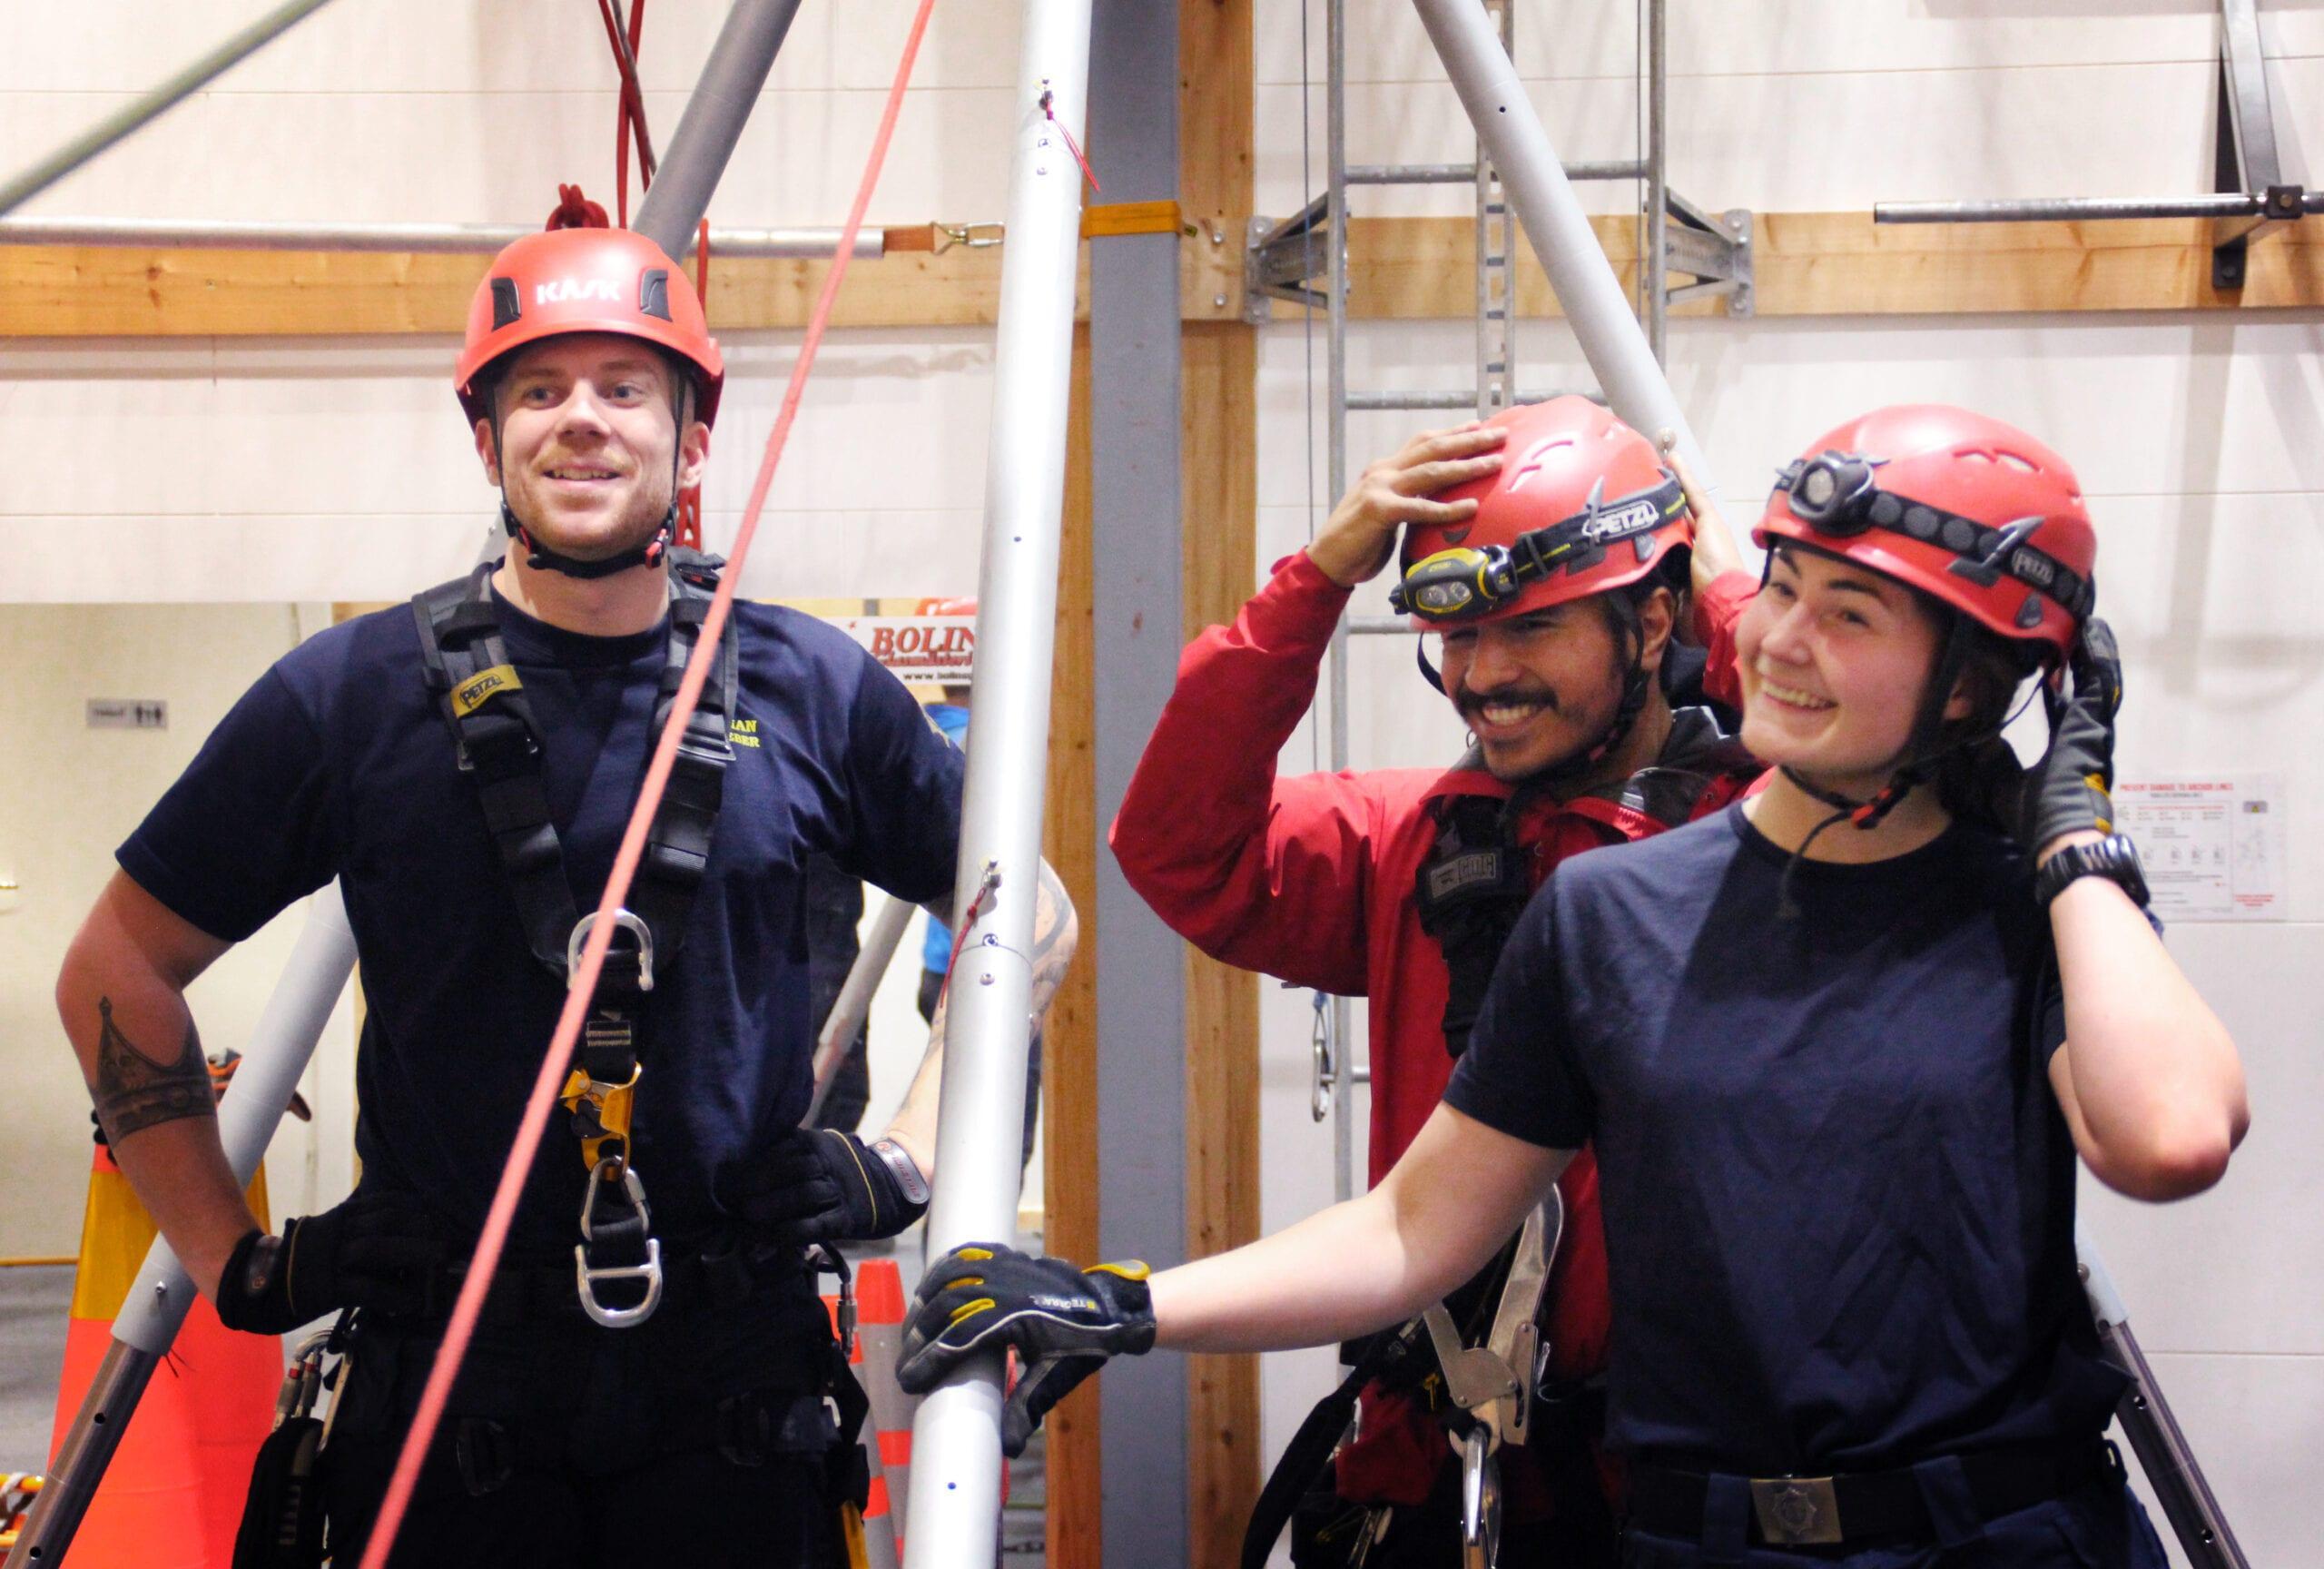 Utbildningar, kurser, fallskydd, lyft, yrkesklättring, säkerhet, jobba säkert